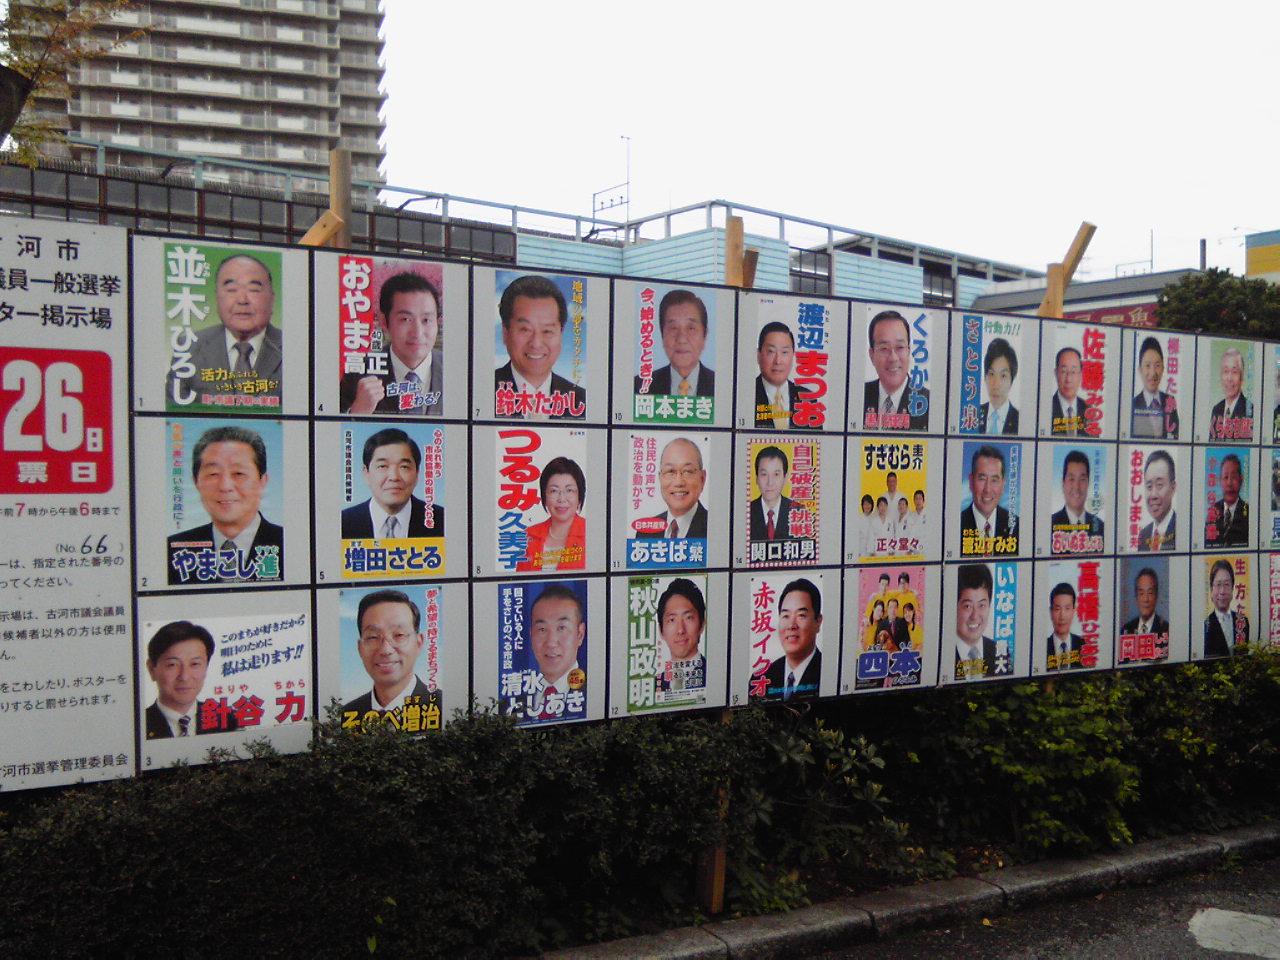 市議会議員選挙2015